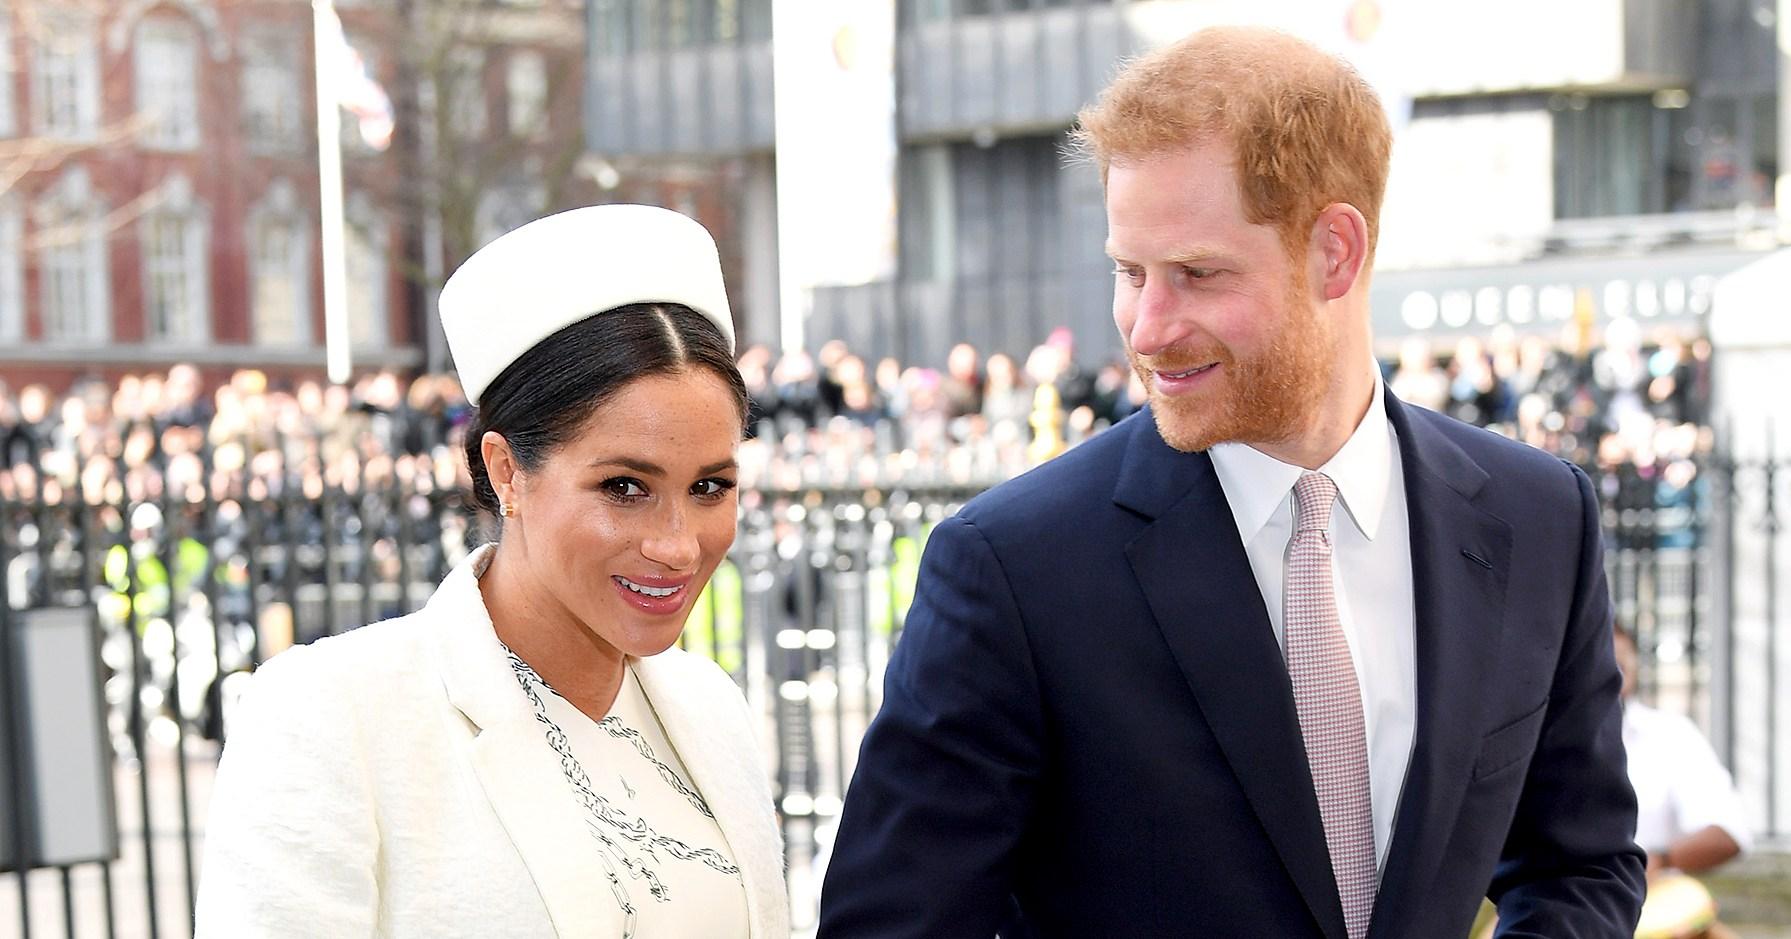 Queen's Former Spokesman Calls Meghan's Baby Shower 'Over the Top'